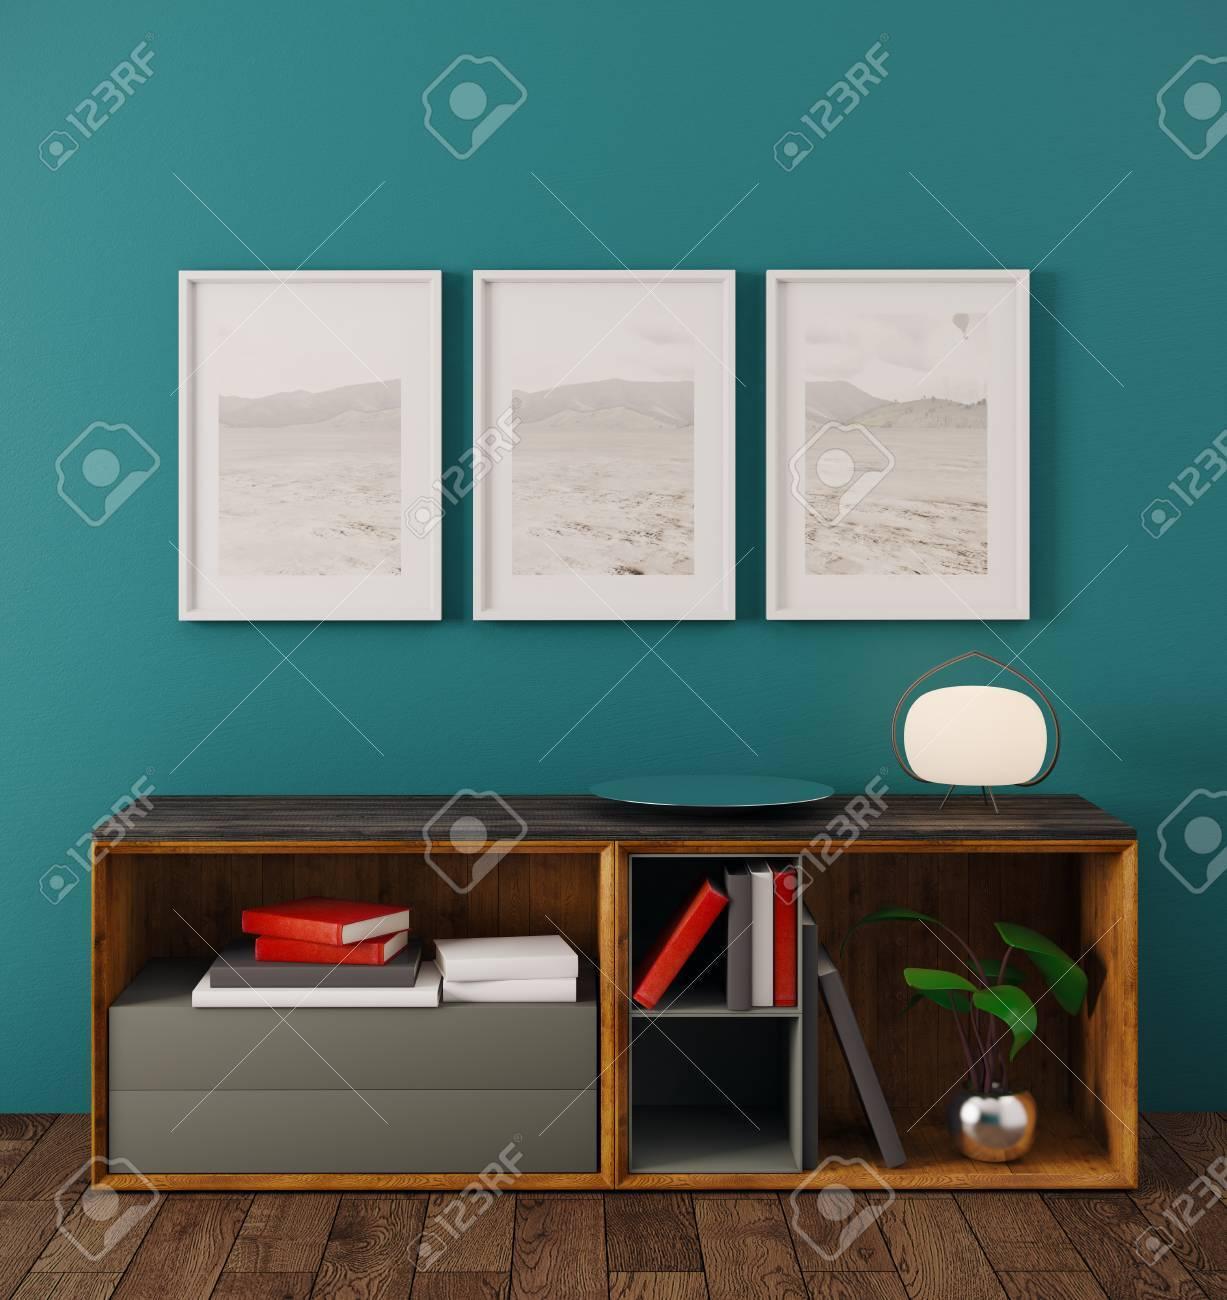 Reinraum Innenraum Mit Bilderrahmen, Bücher, Lampe Und Andere ...